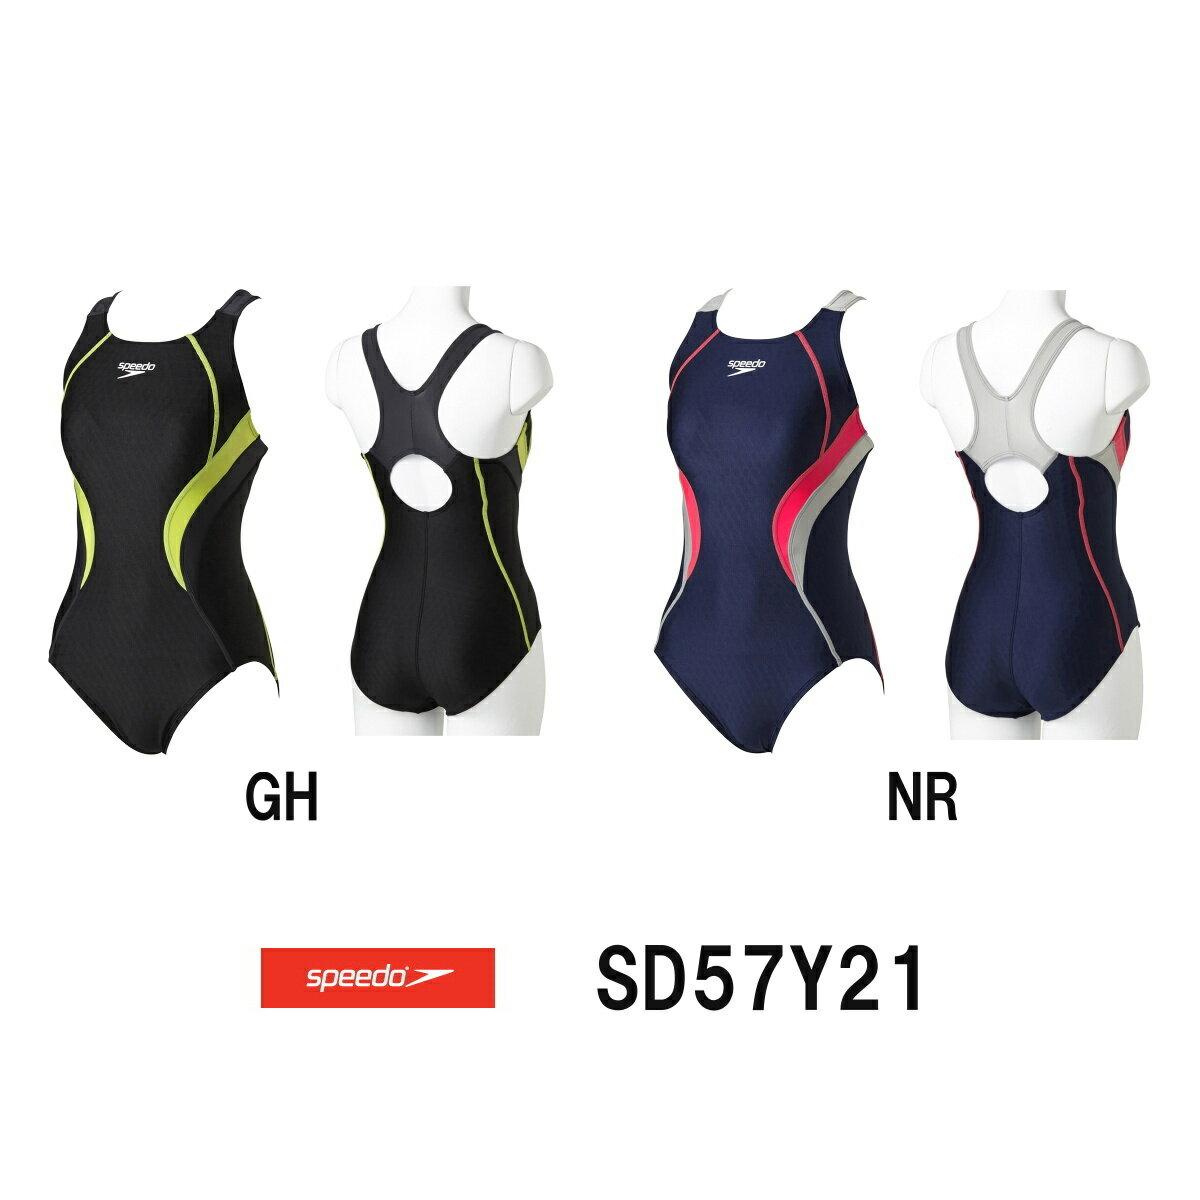 【SD57Y21】SPEEDO(スピード)レディース競泳水着FLEXCubeウイメンズスイムスーツ(縫込みパッド付き)[女性用/背開き小さめタイプ/競泳]